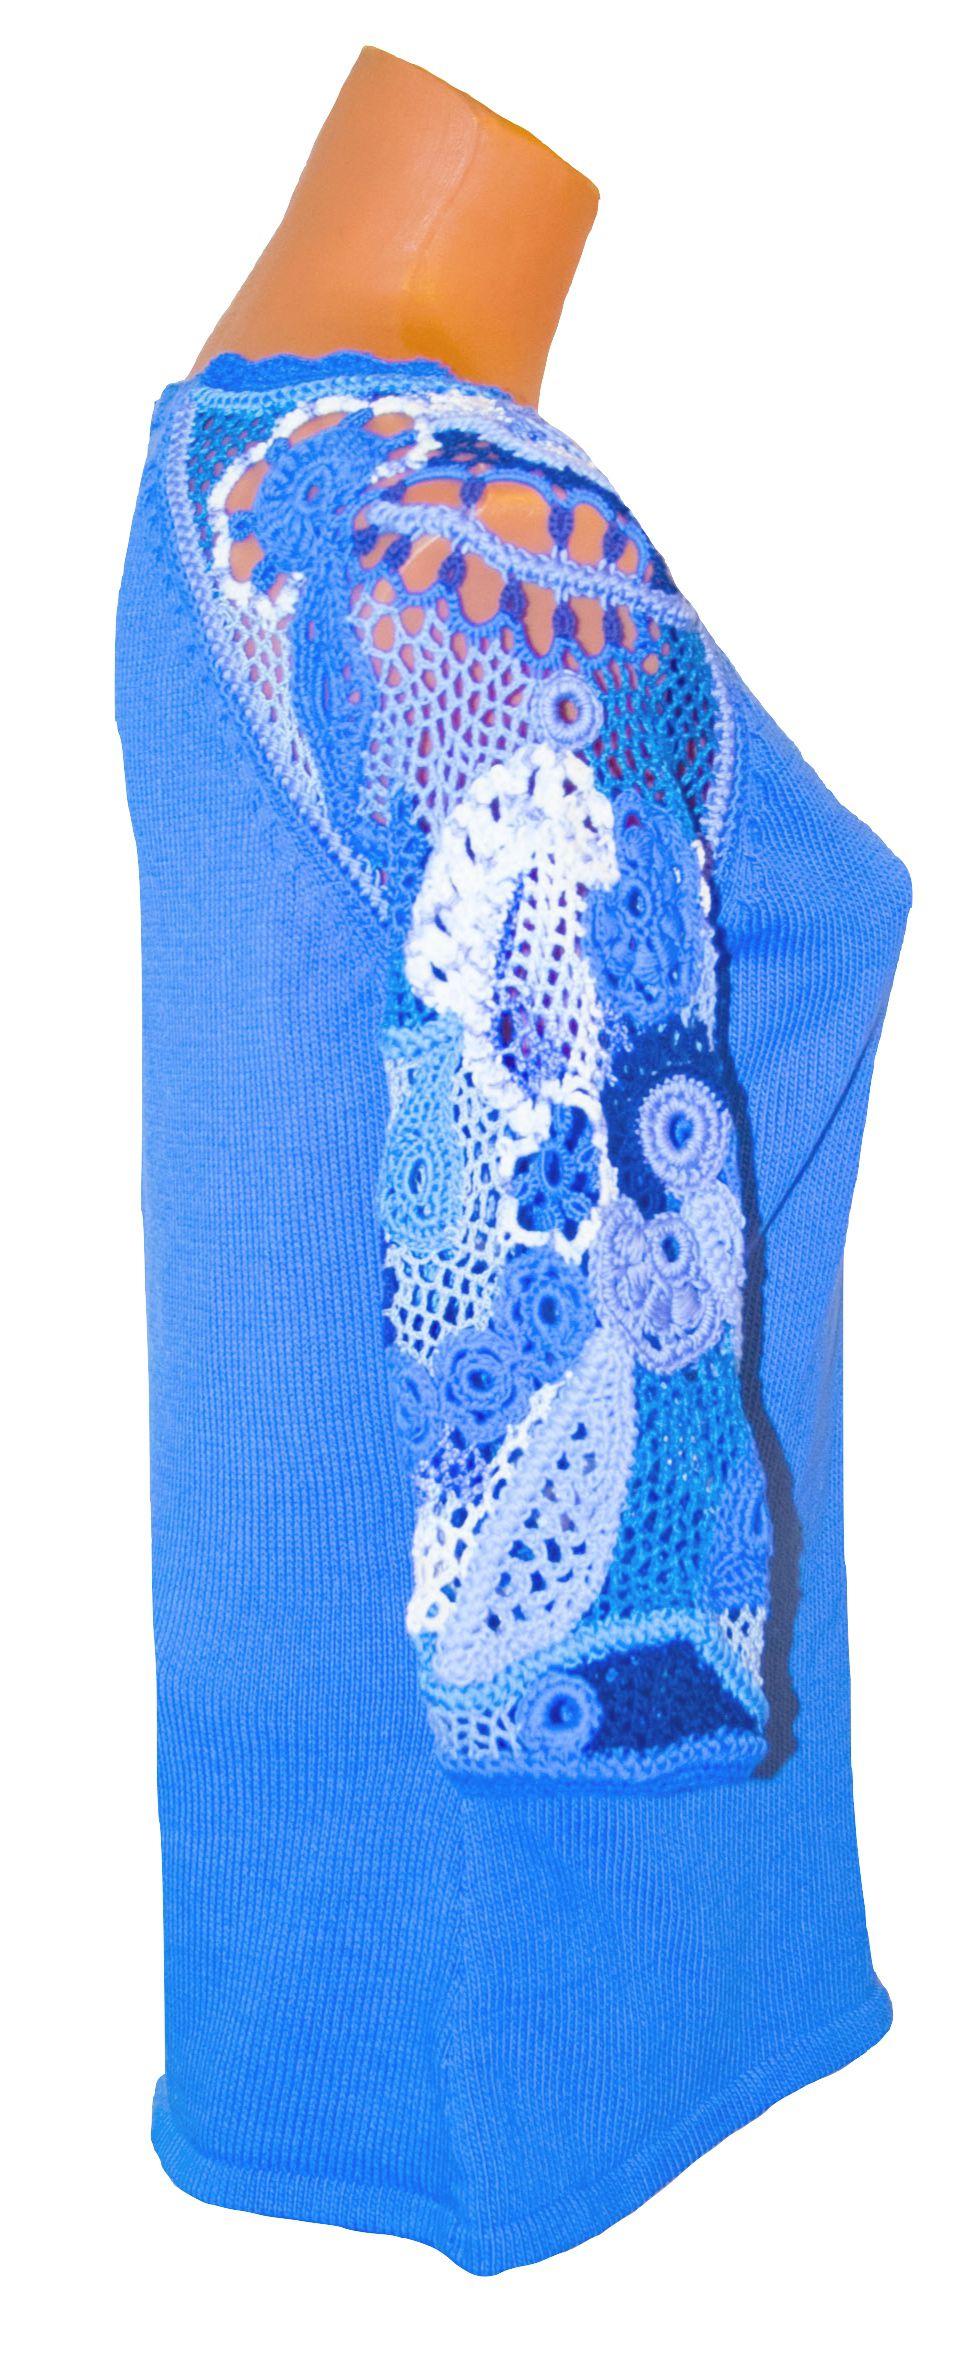 авторская ажурная кружево из цветочный ручная техника ирландское туника смешанная cиний вязаная хлопка работа фриволите